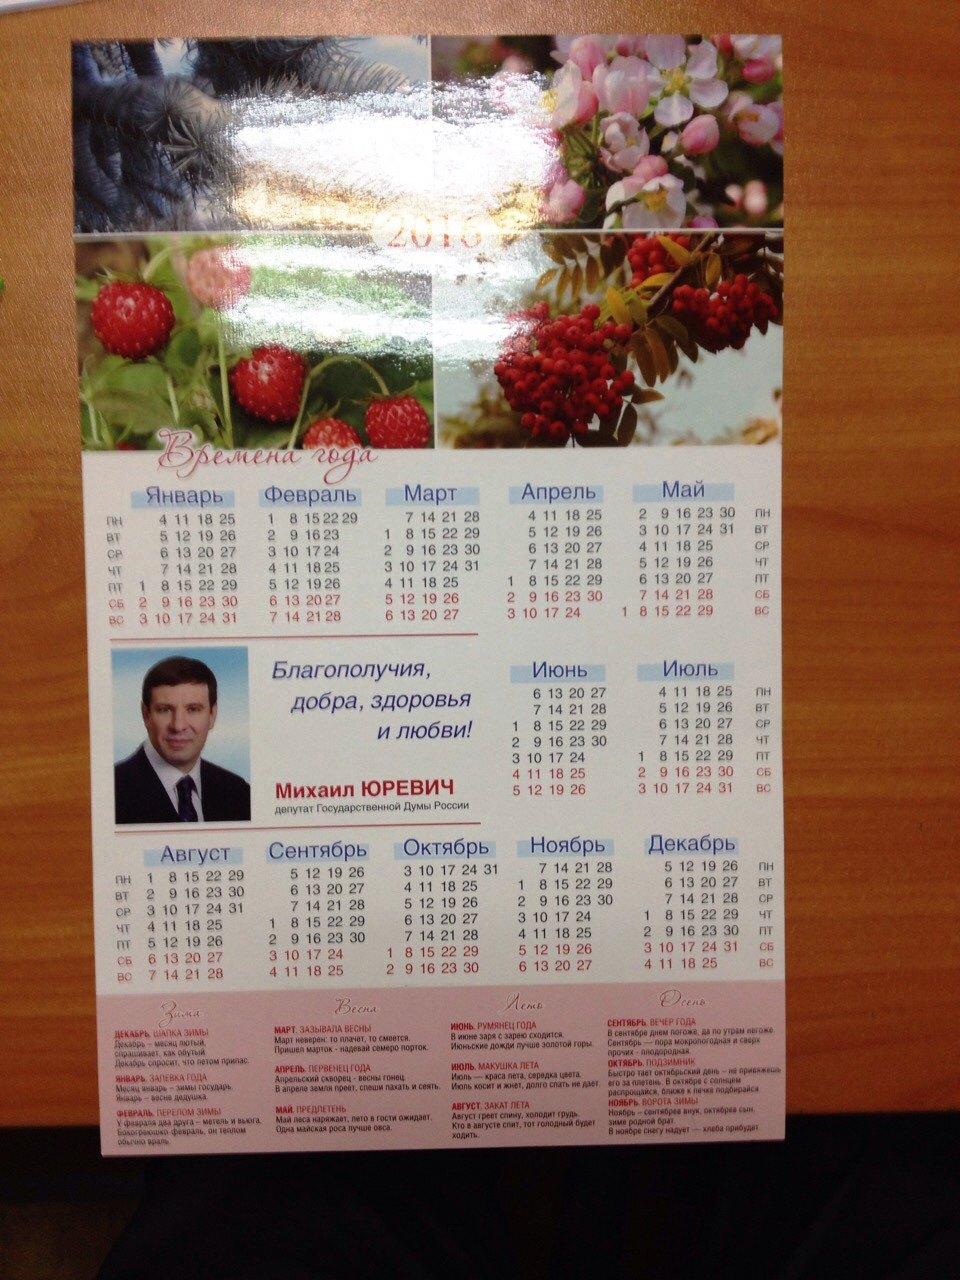 Владимир Бурматов – второй из действующих депутатов, решивших вновь поучаствовать в гонке за манд